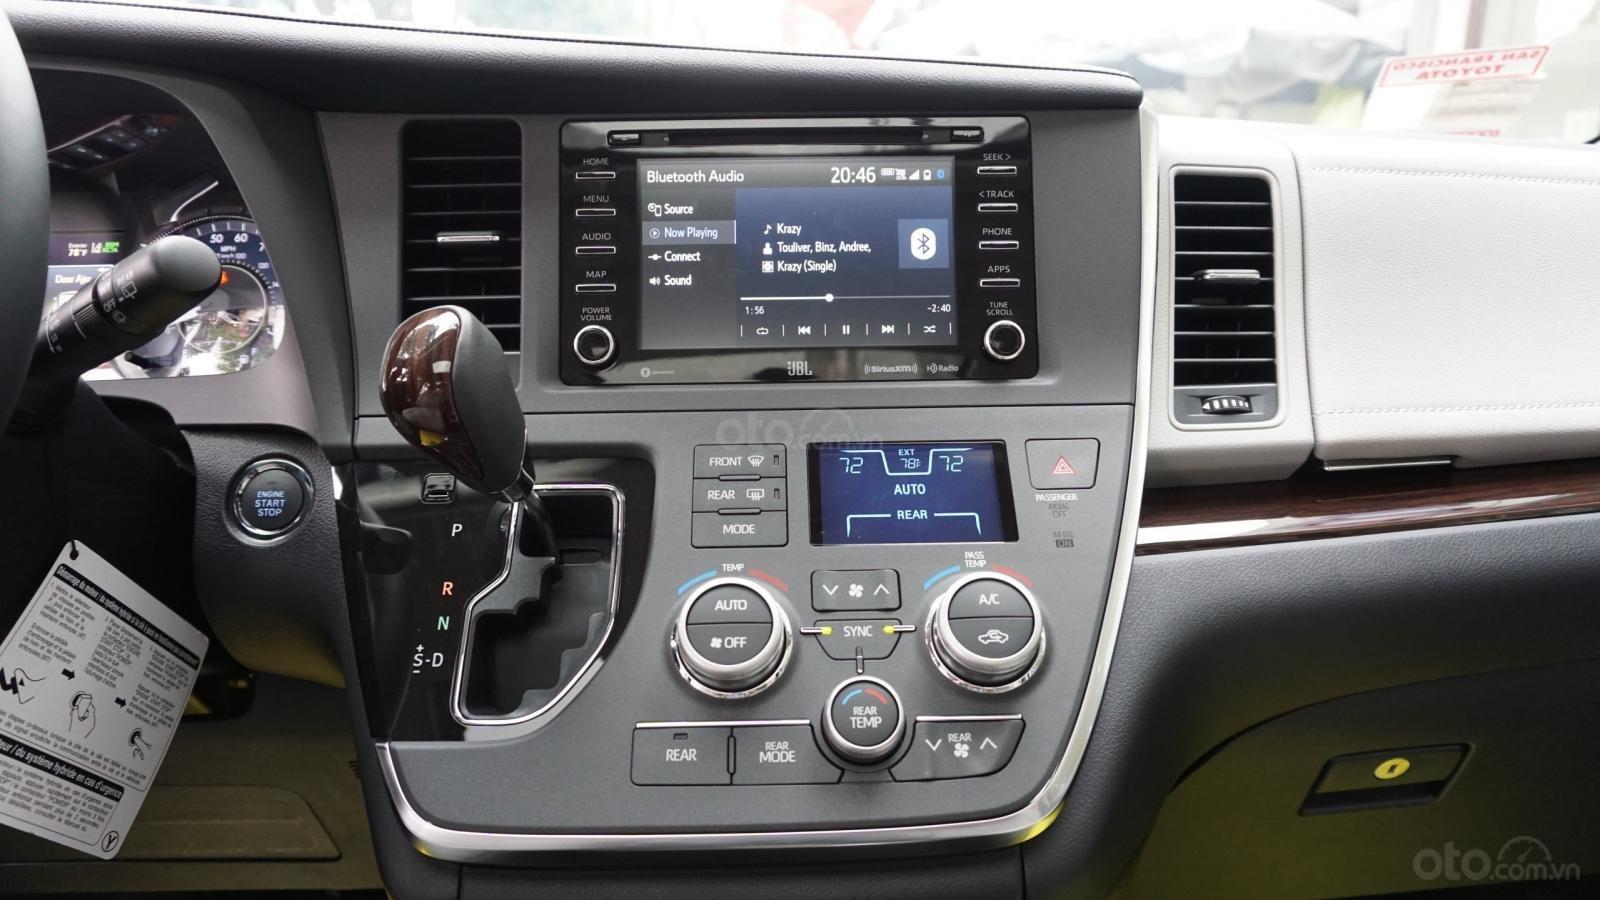 Bán Toyota Sienna Limited 1 cầu 2020 giao ngay, giá tốt nhất, LH 094.539.2468 Ms Hương (13)